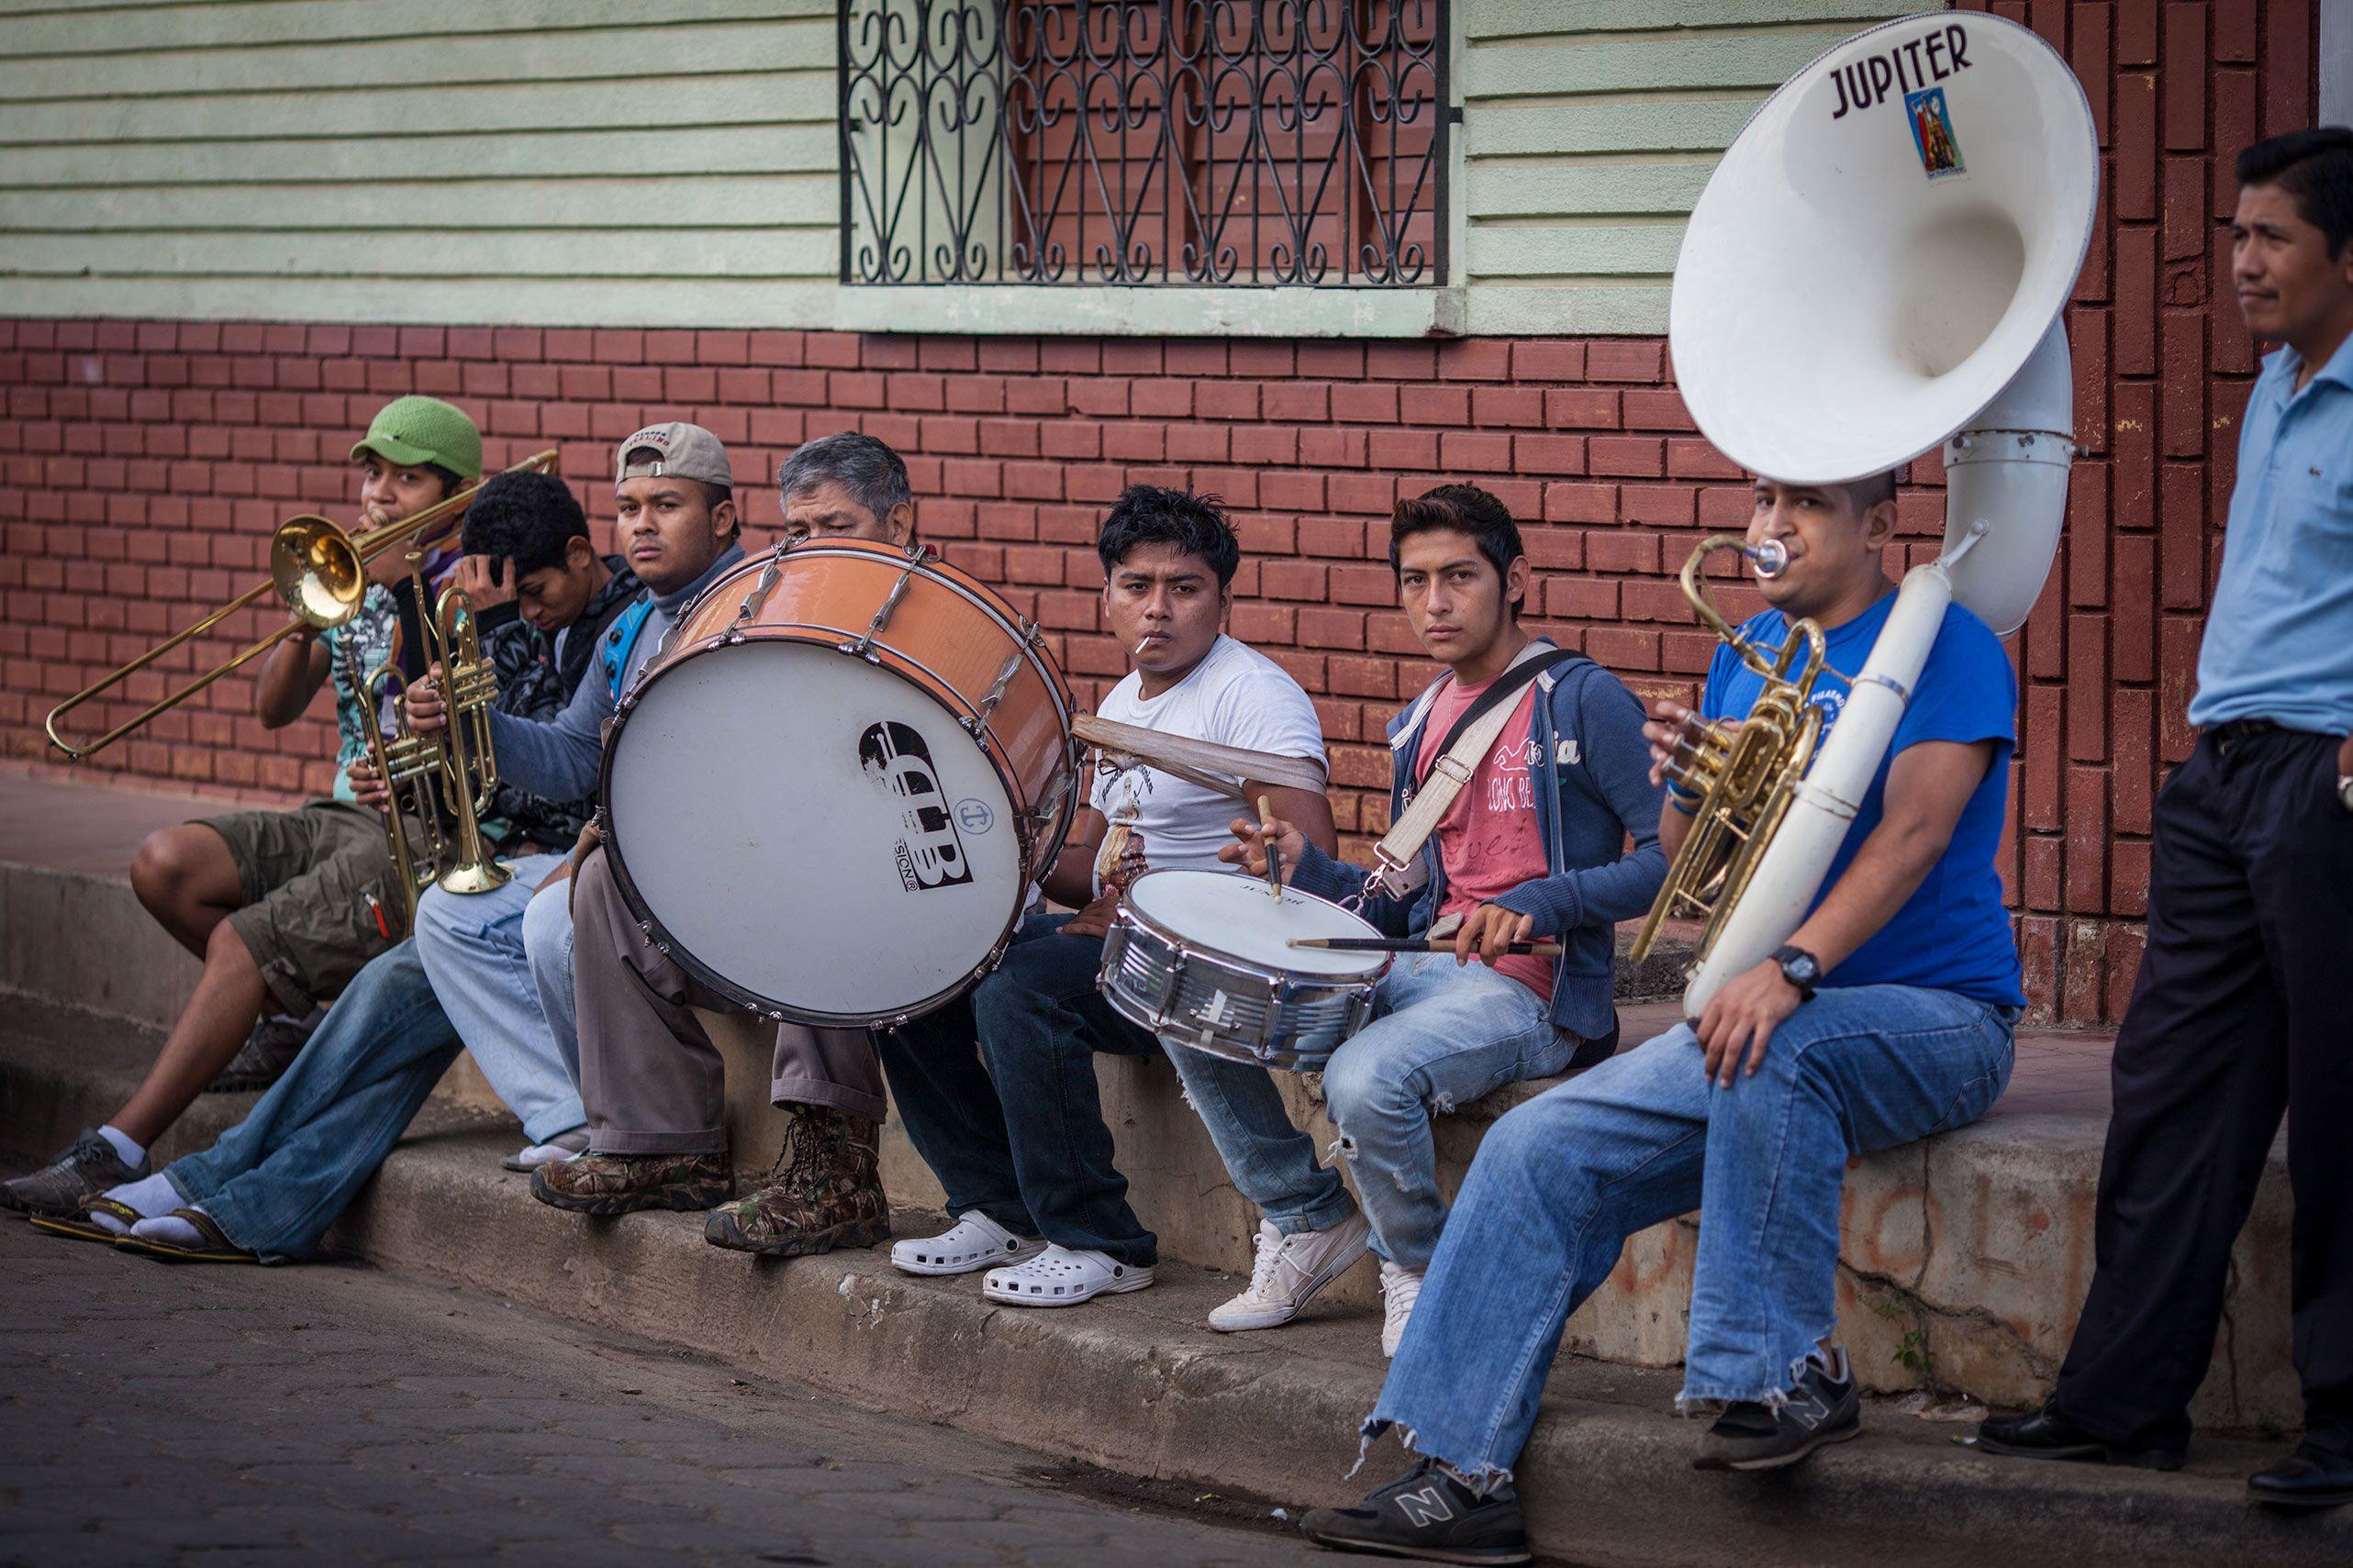 NicaraguaStreetband.jpg